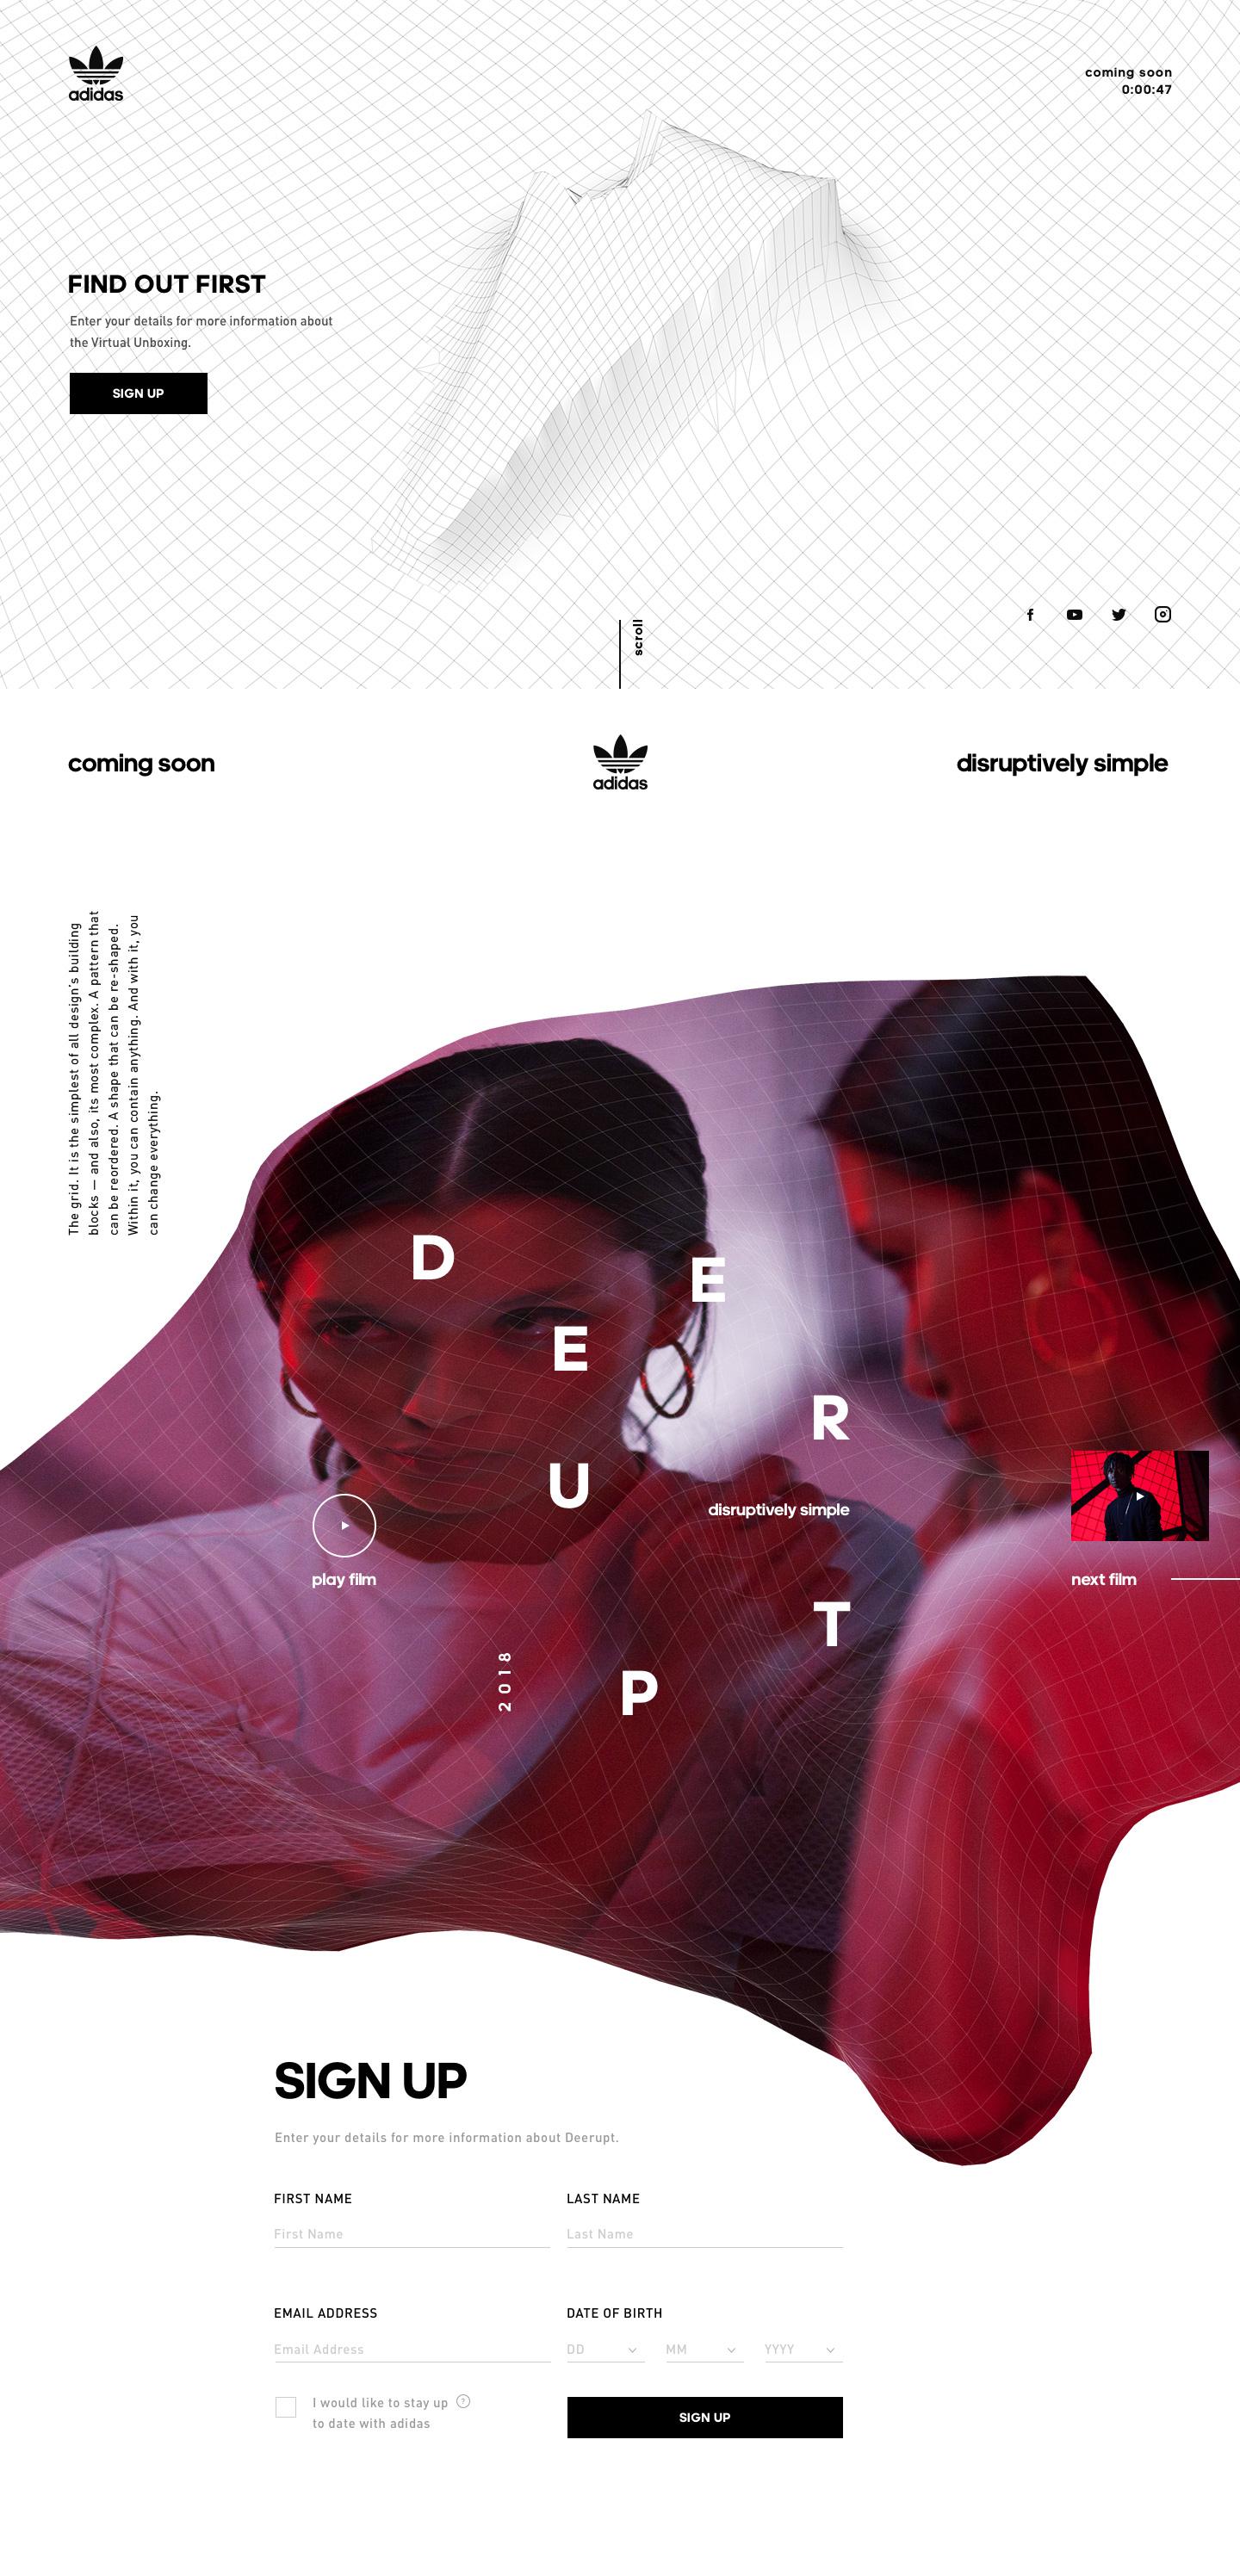 deerupt_12